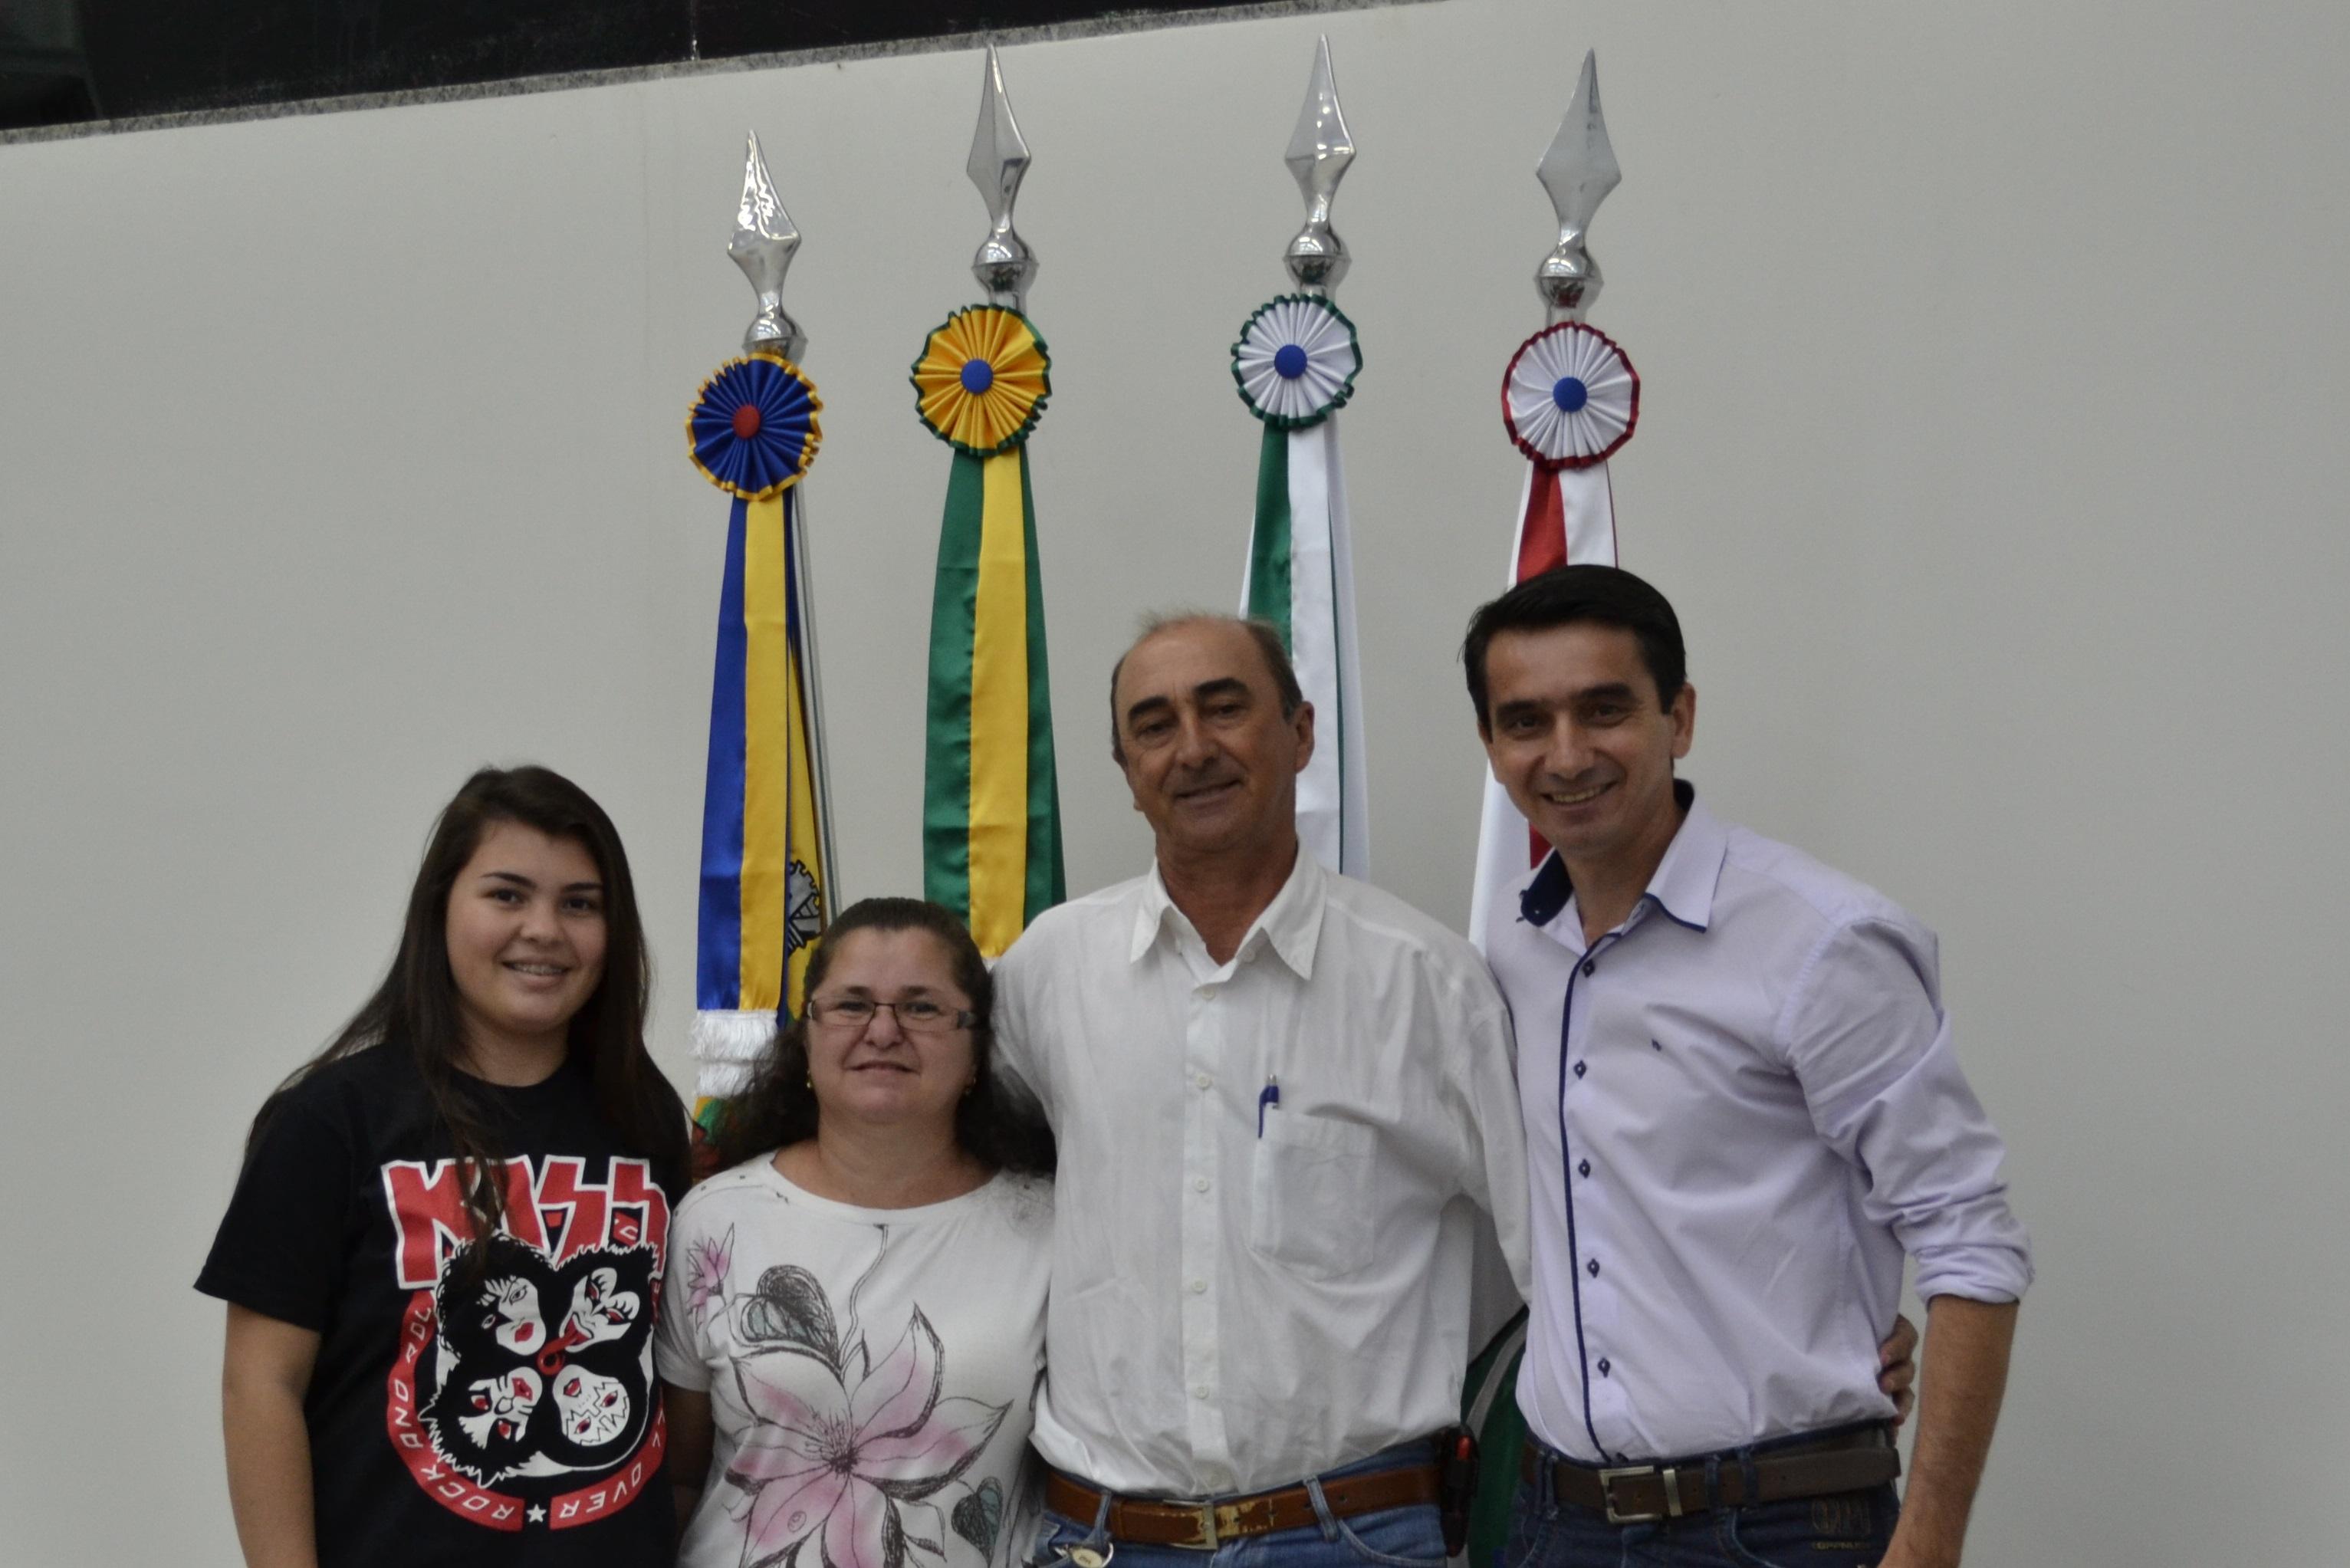 O presidente da comunidade S�o Luiz Ant�nio de Freitas, sua esposa Luzia de Freitas e a filha do casal Alessandra de Freitas